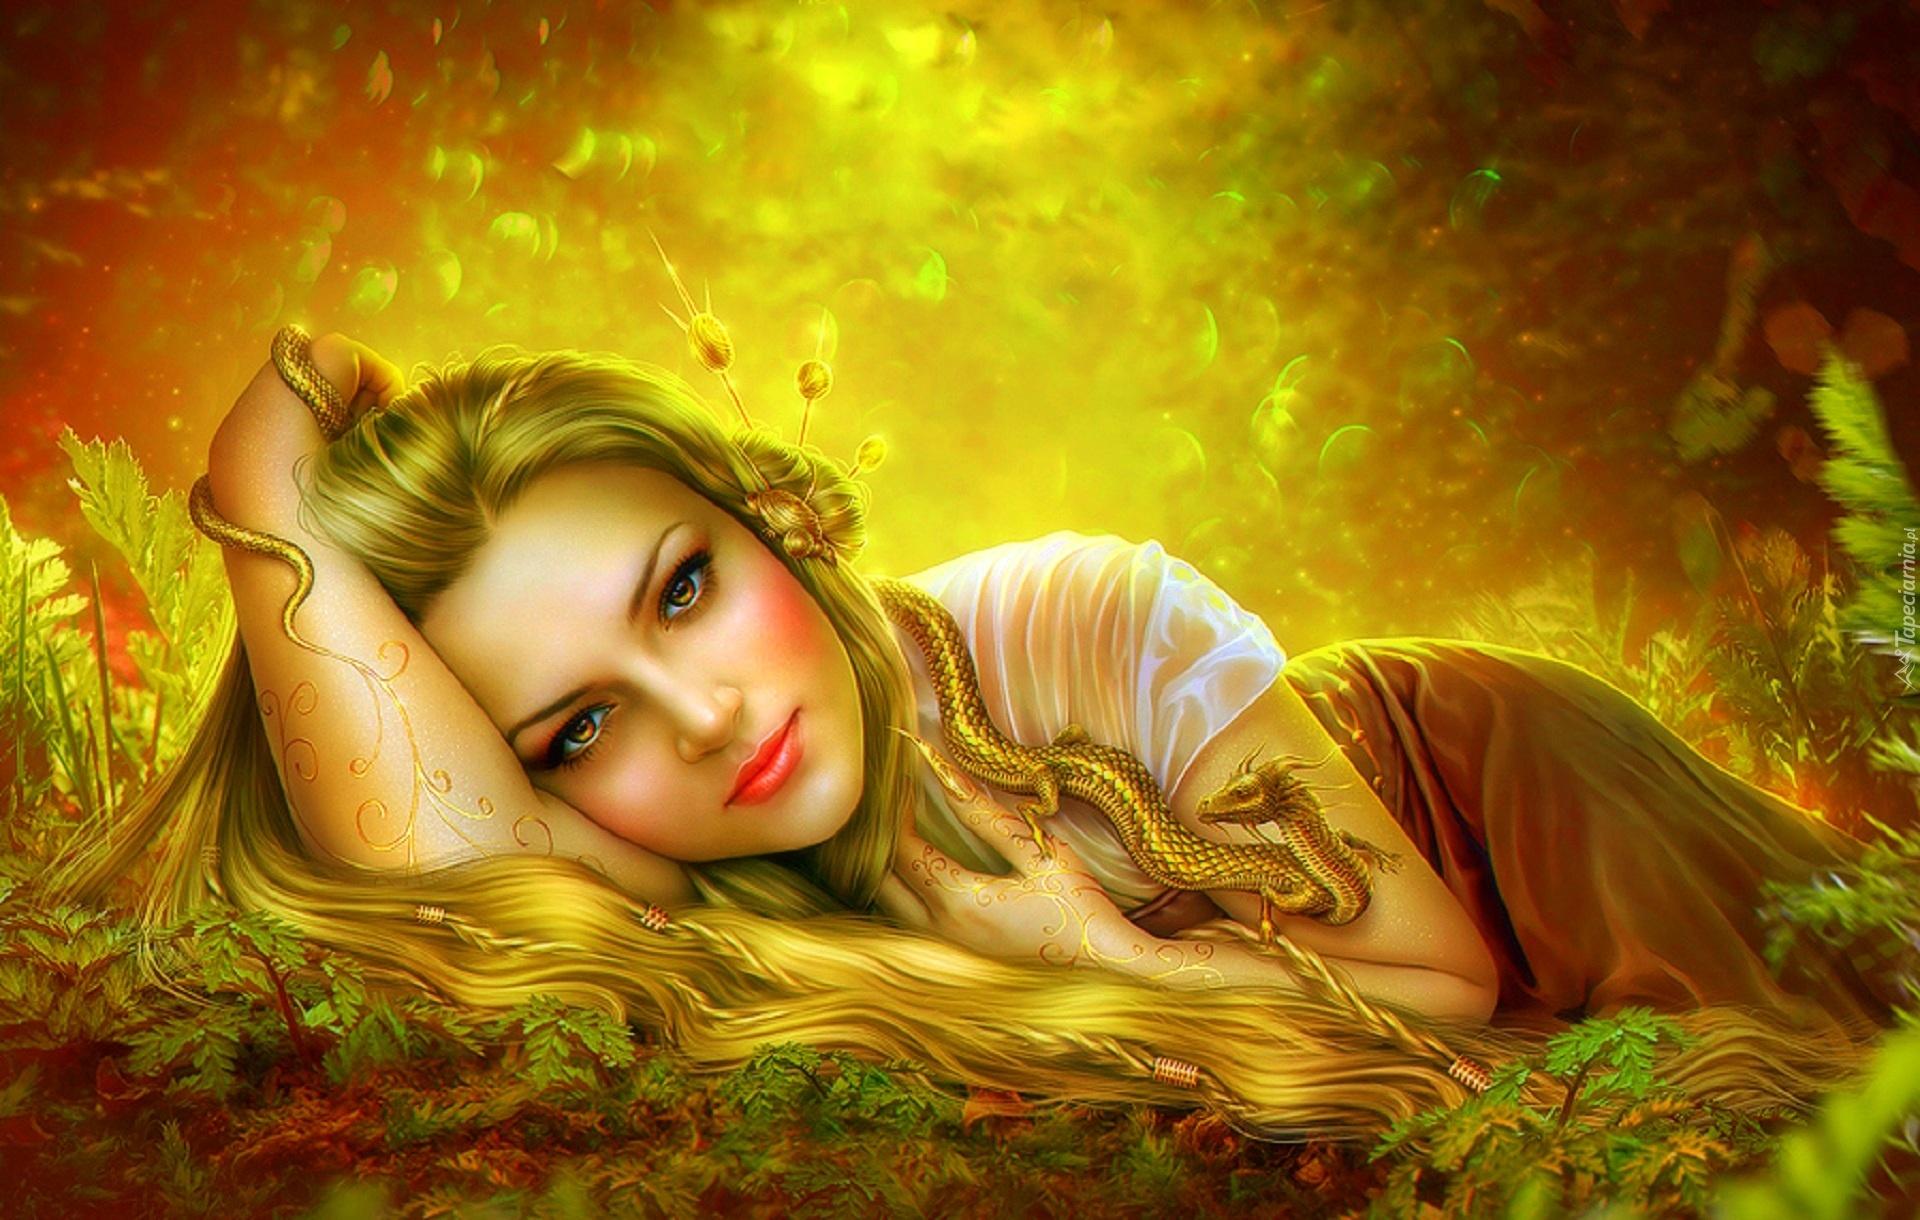 Картинки с добрым утром сказочные волшебные анимация, открытка для